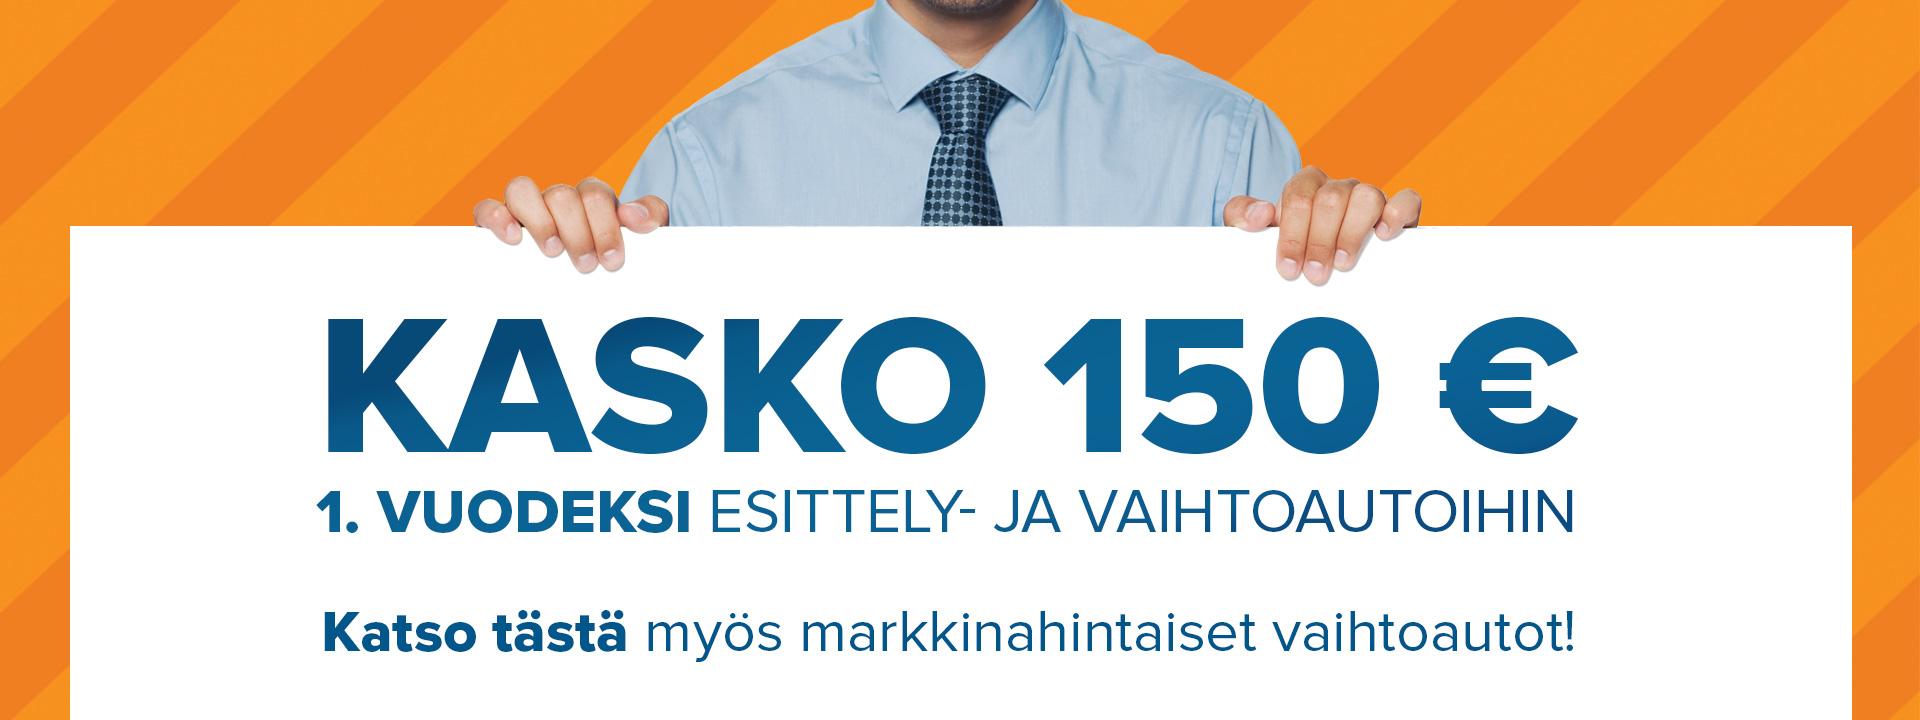 vaihtoautomarkkinat_esittelyauto_nosto_kampanjakuva_1920x640.jpg